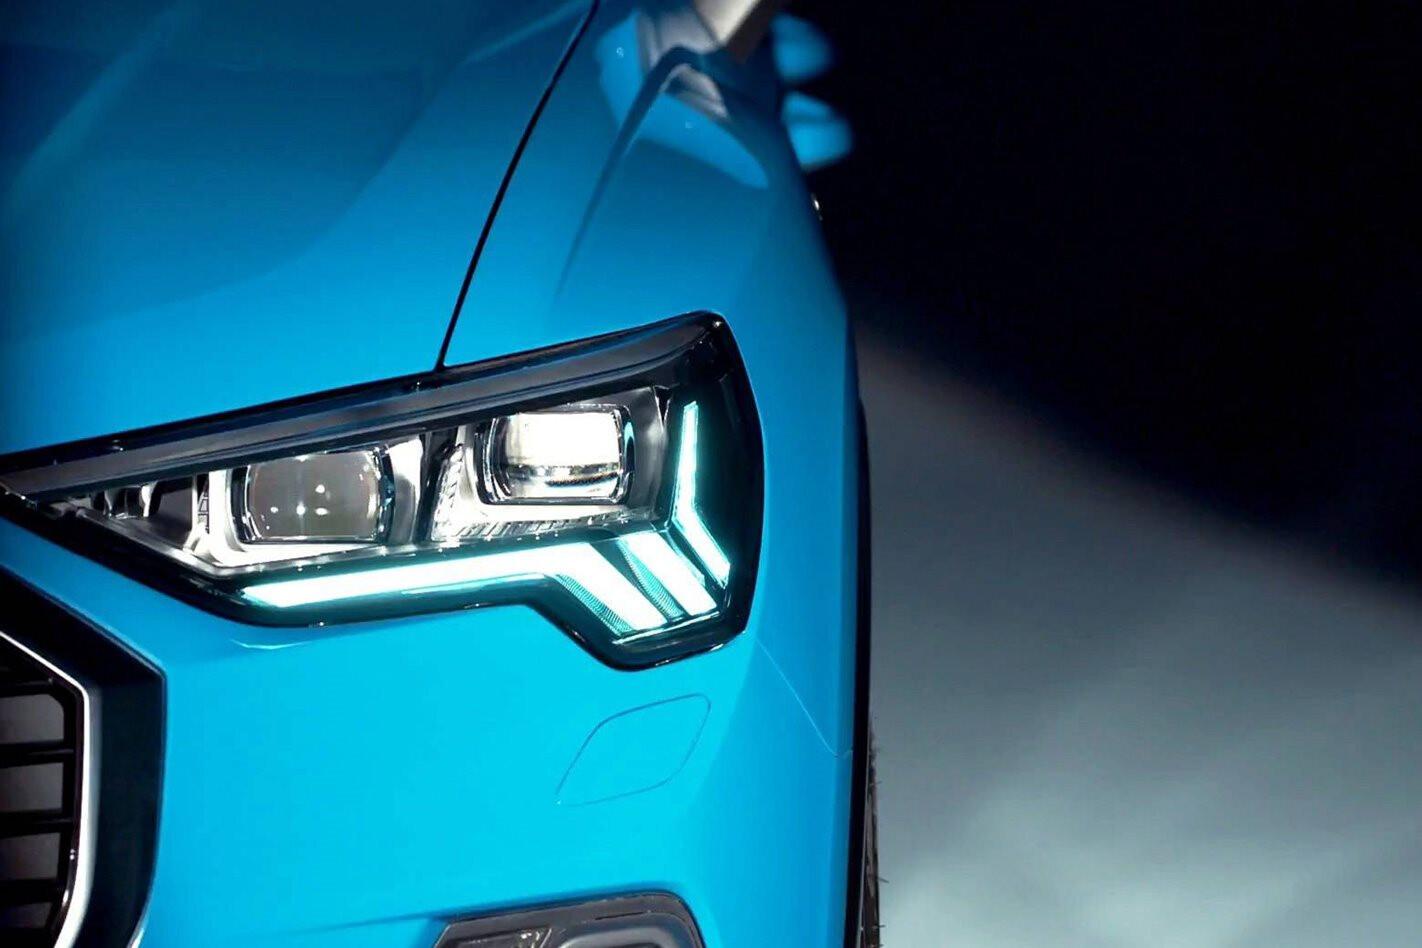 Audi Q 3 Headlight Jpg